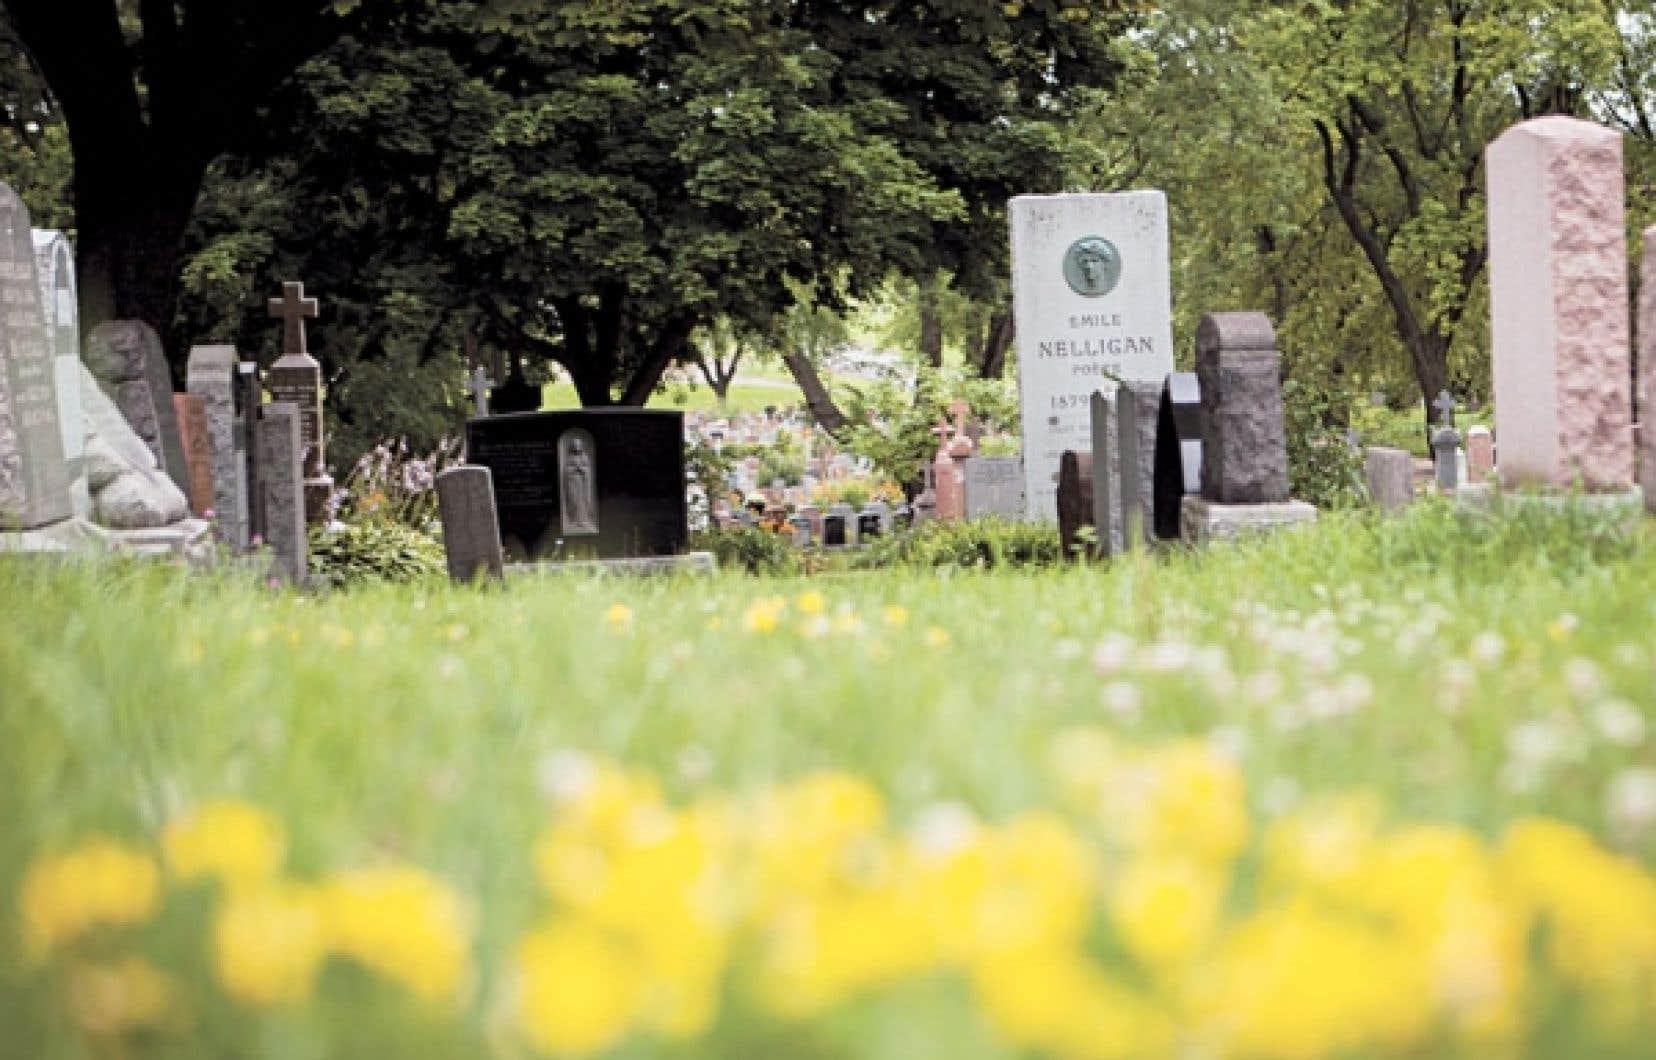 Parmi les pierres tombales du cimetière Notre-Dame-des-Neiges, de Montréal, le visiteur peut apercevoir celle du poète Émile Nelligan. Ce cimetière constitue le plus grand lieu de sépulture au Canada.